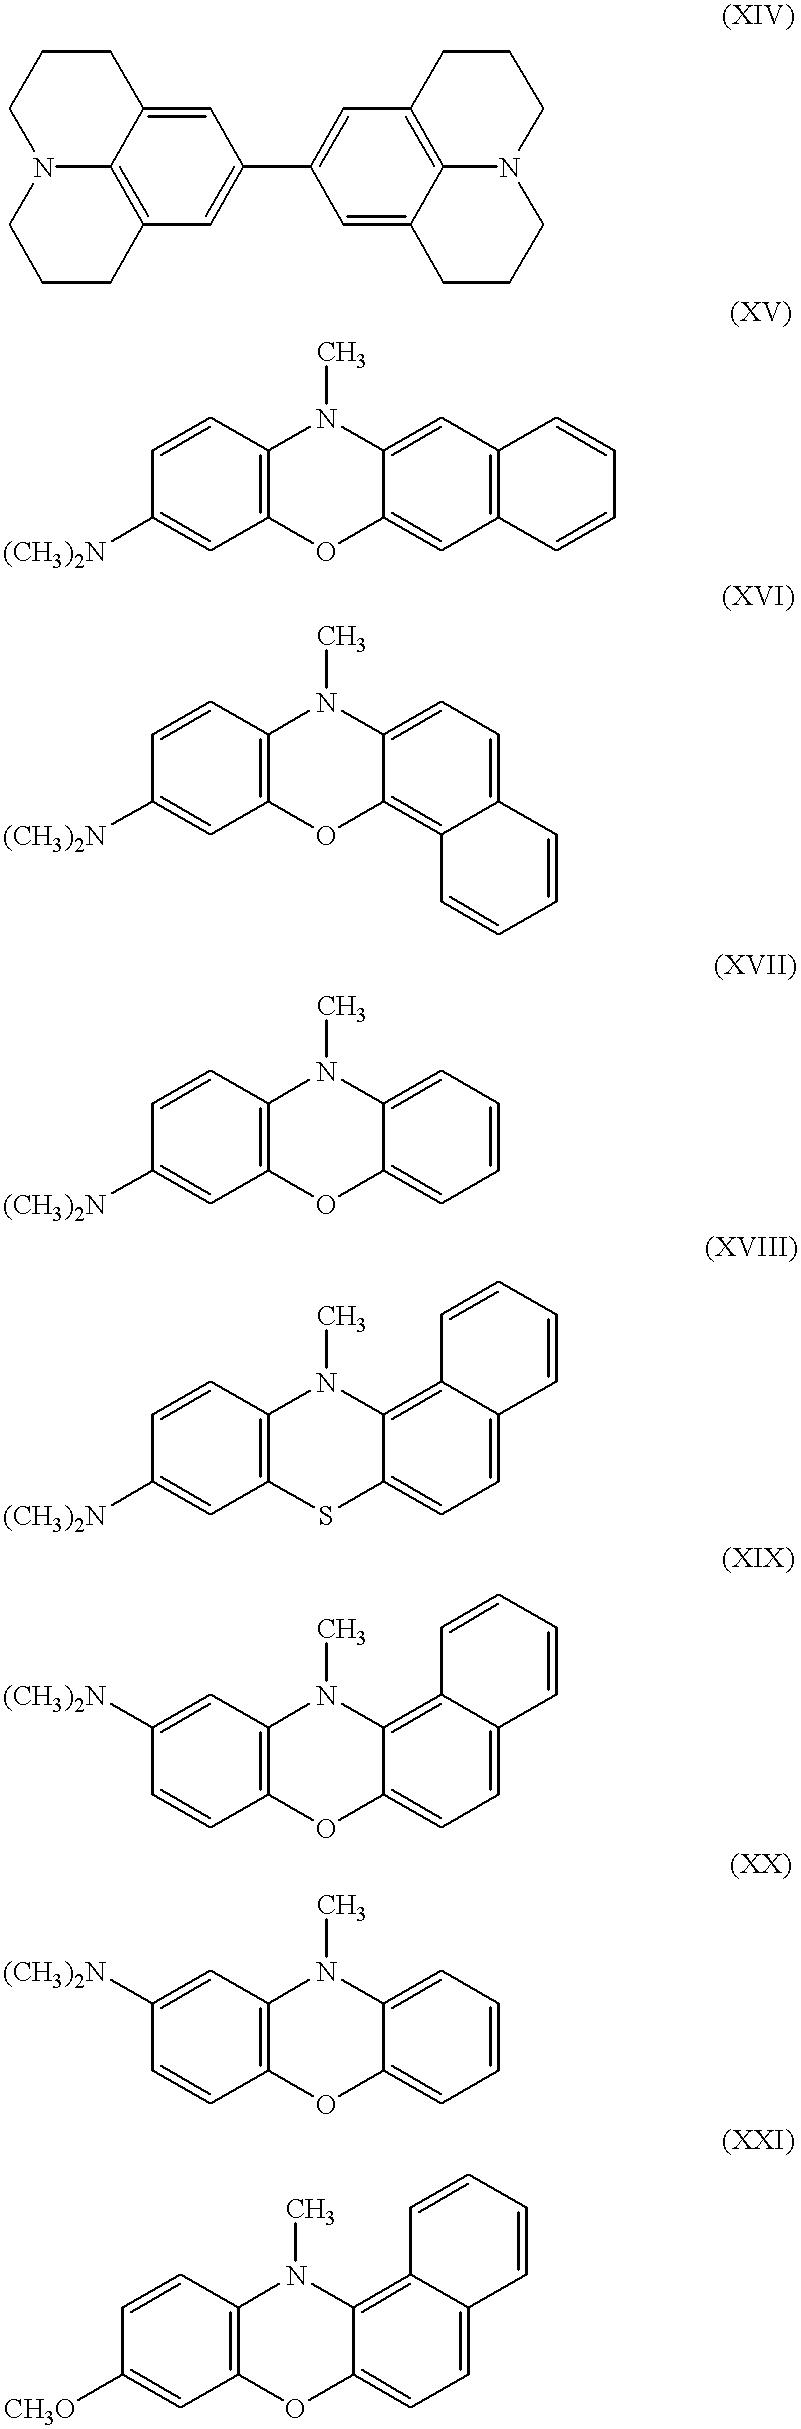 Figure US06193912-20010227-C00018